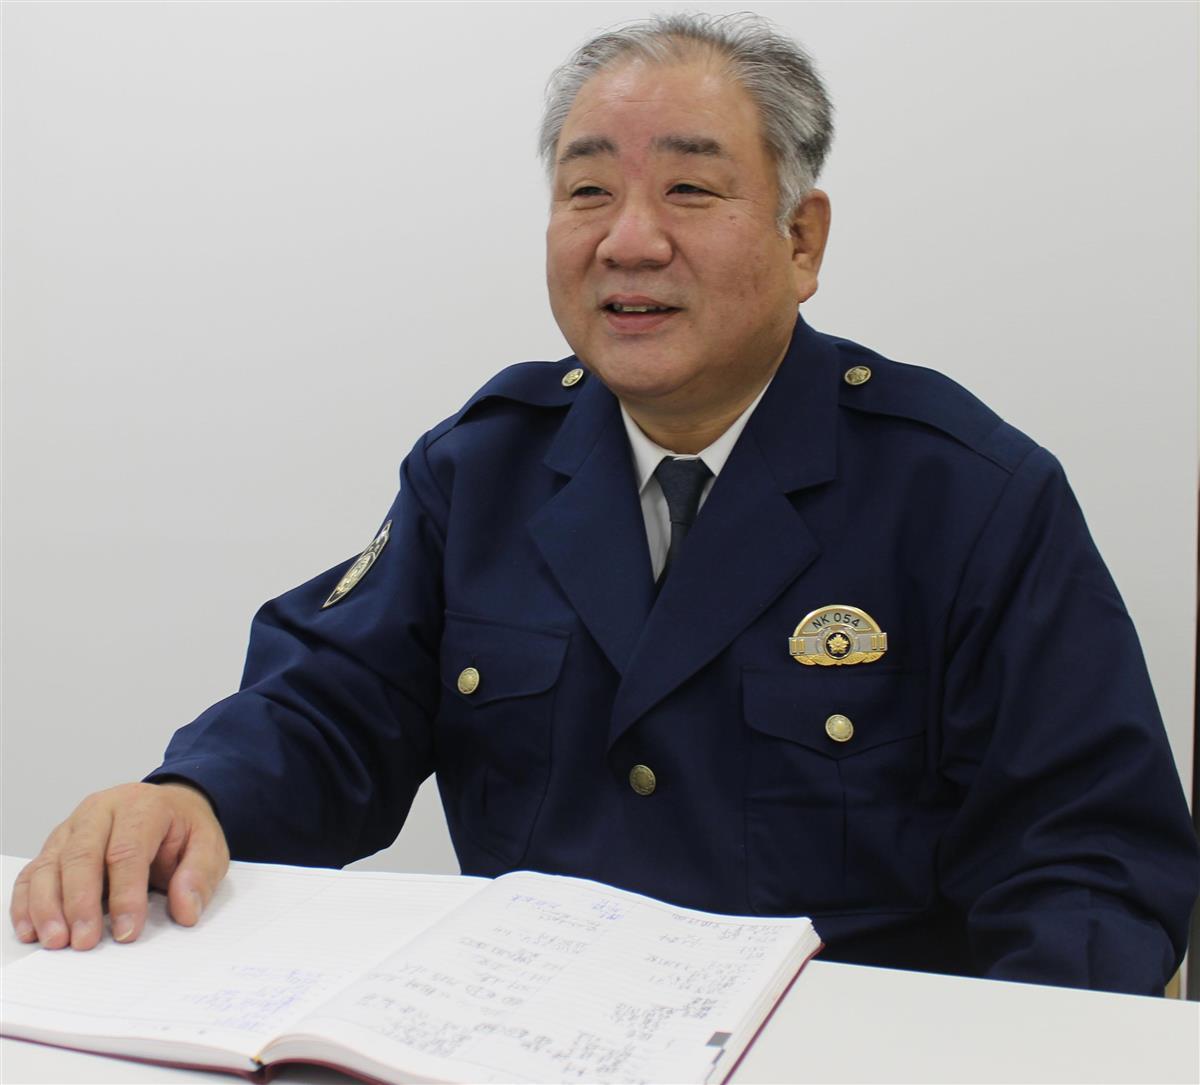 近畿の警察官、大阪府警からは山上賢治警部 - 産経ニュース